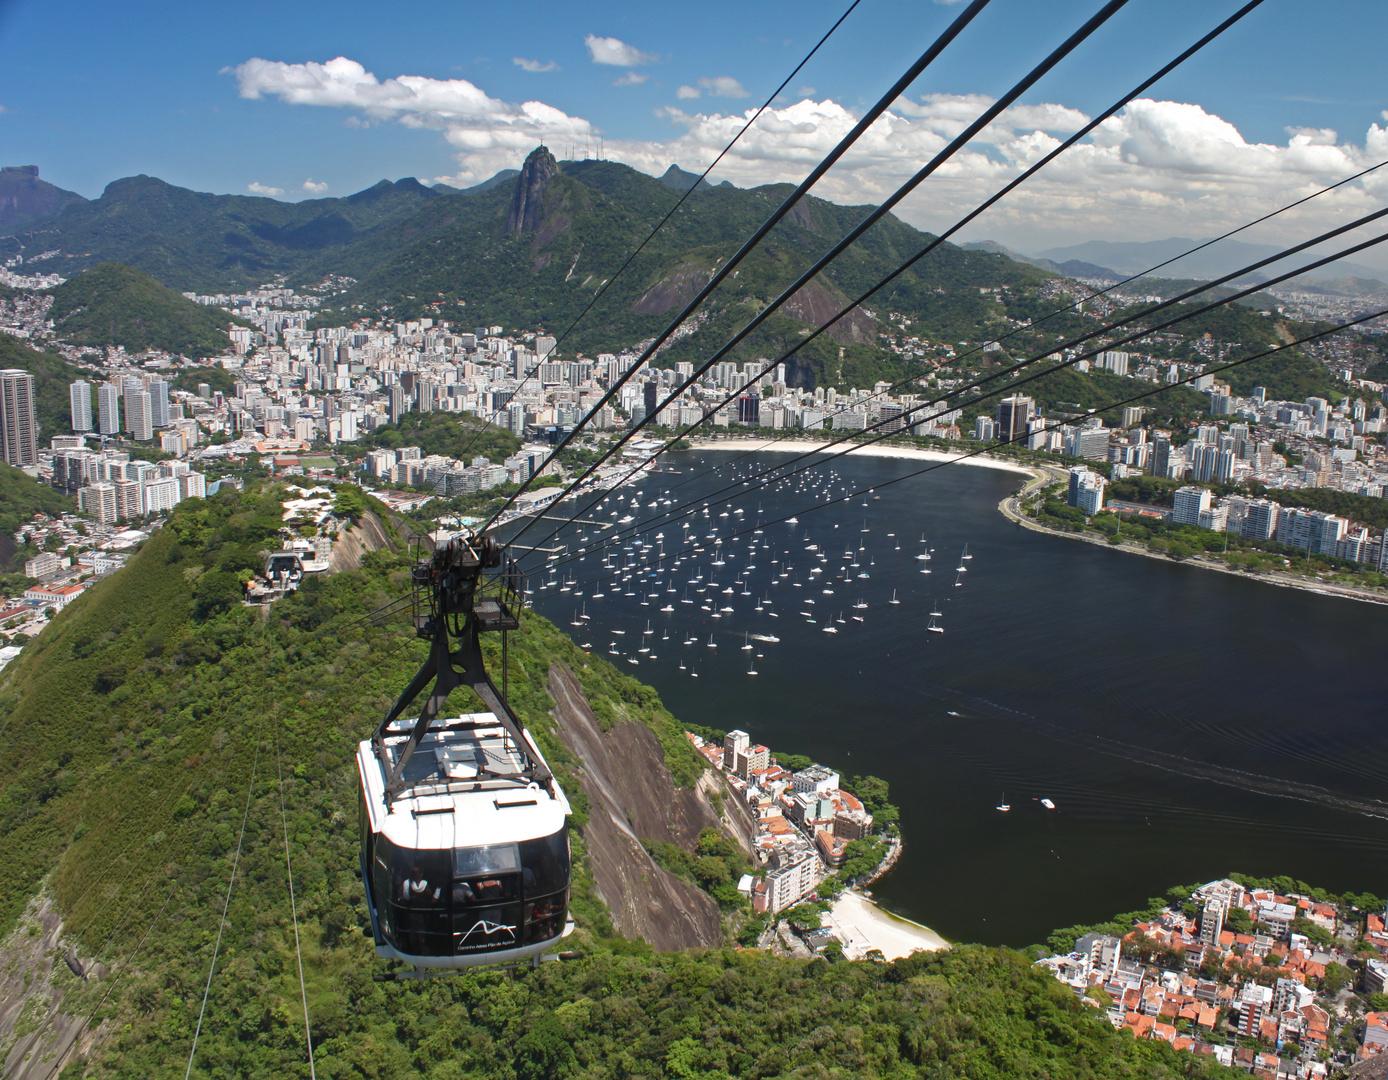 Rio De Janeiro Stadtteil Urca Vom Zuckerhut Aus Gesehen Foto